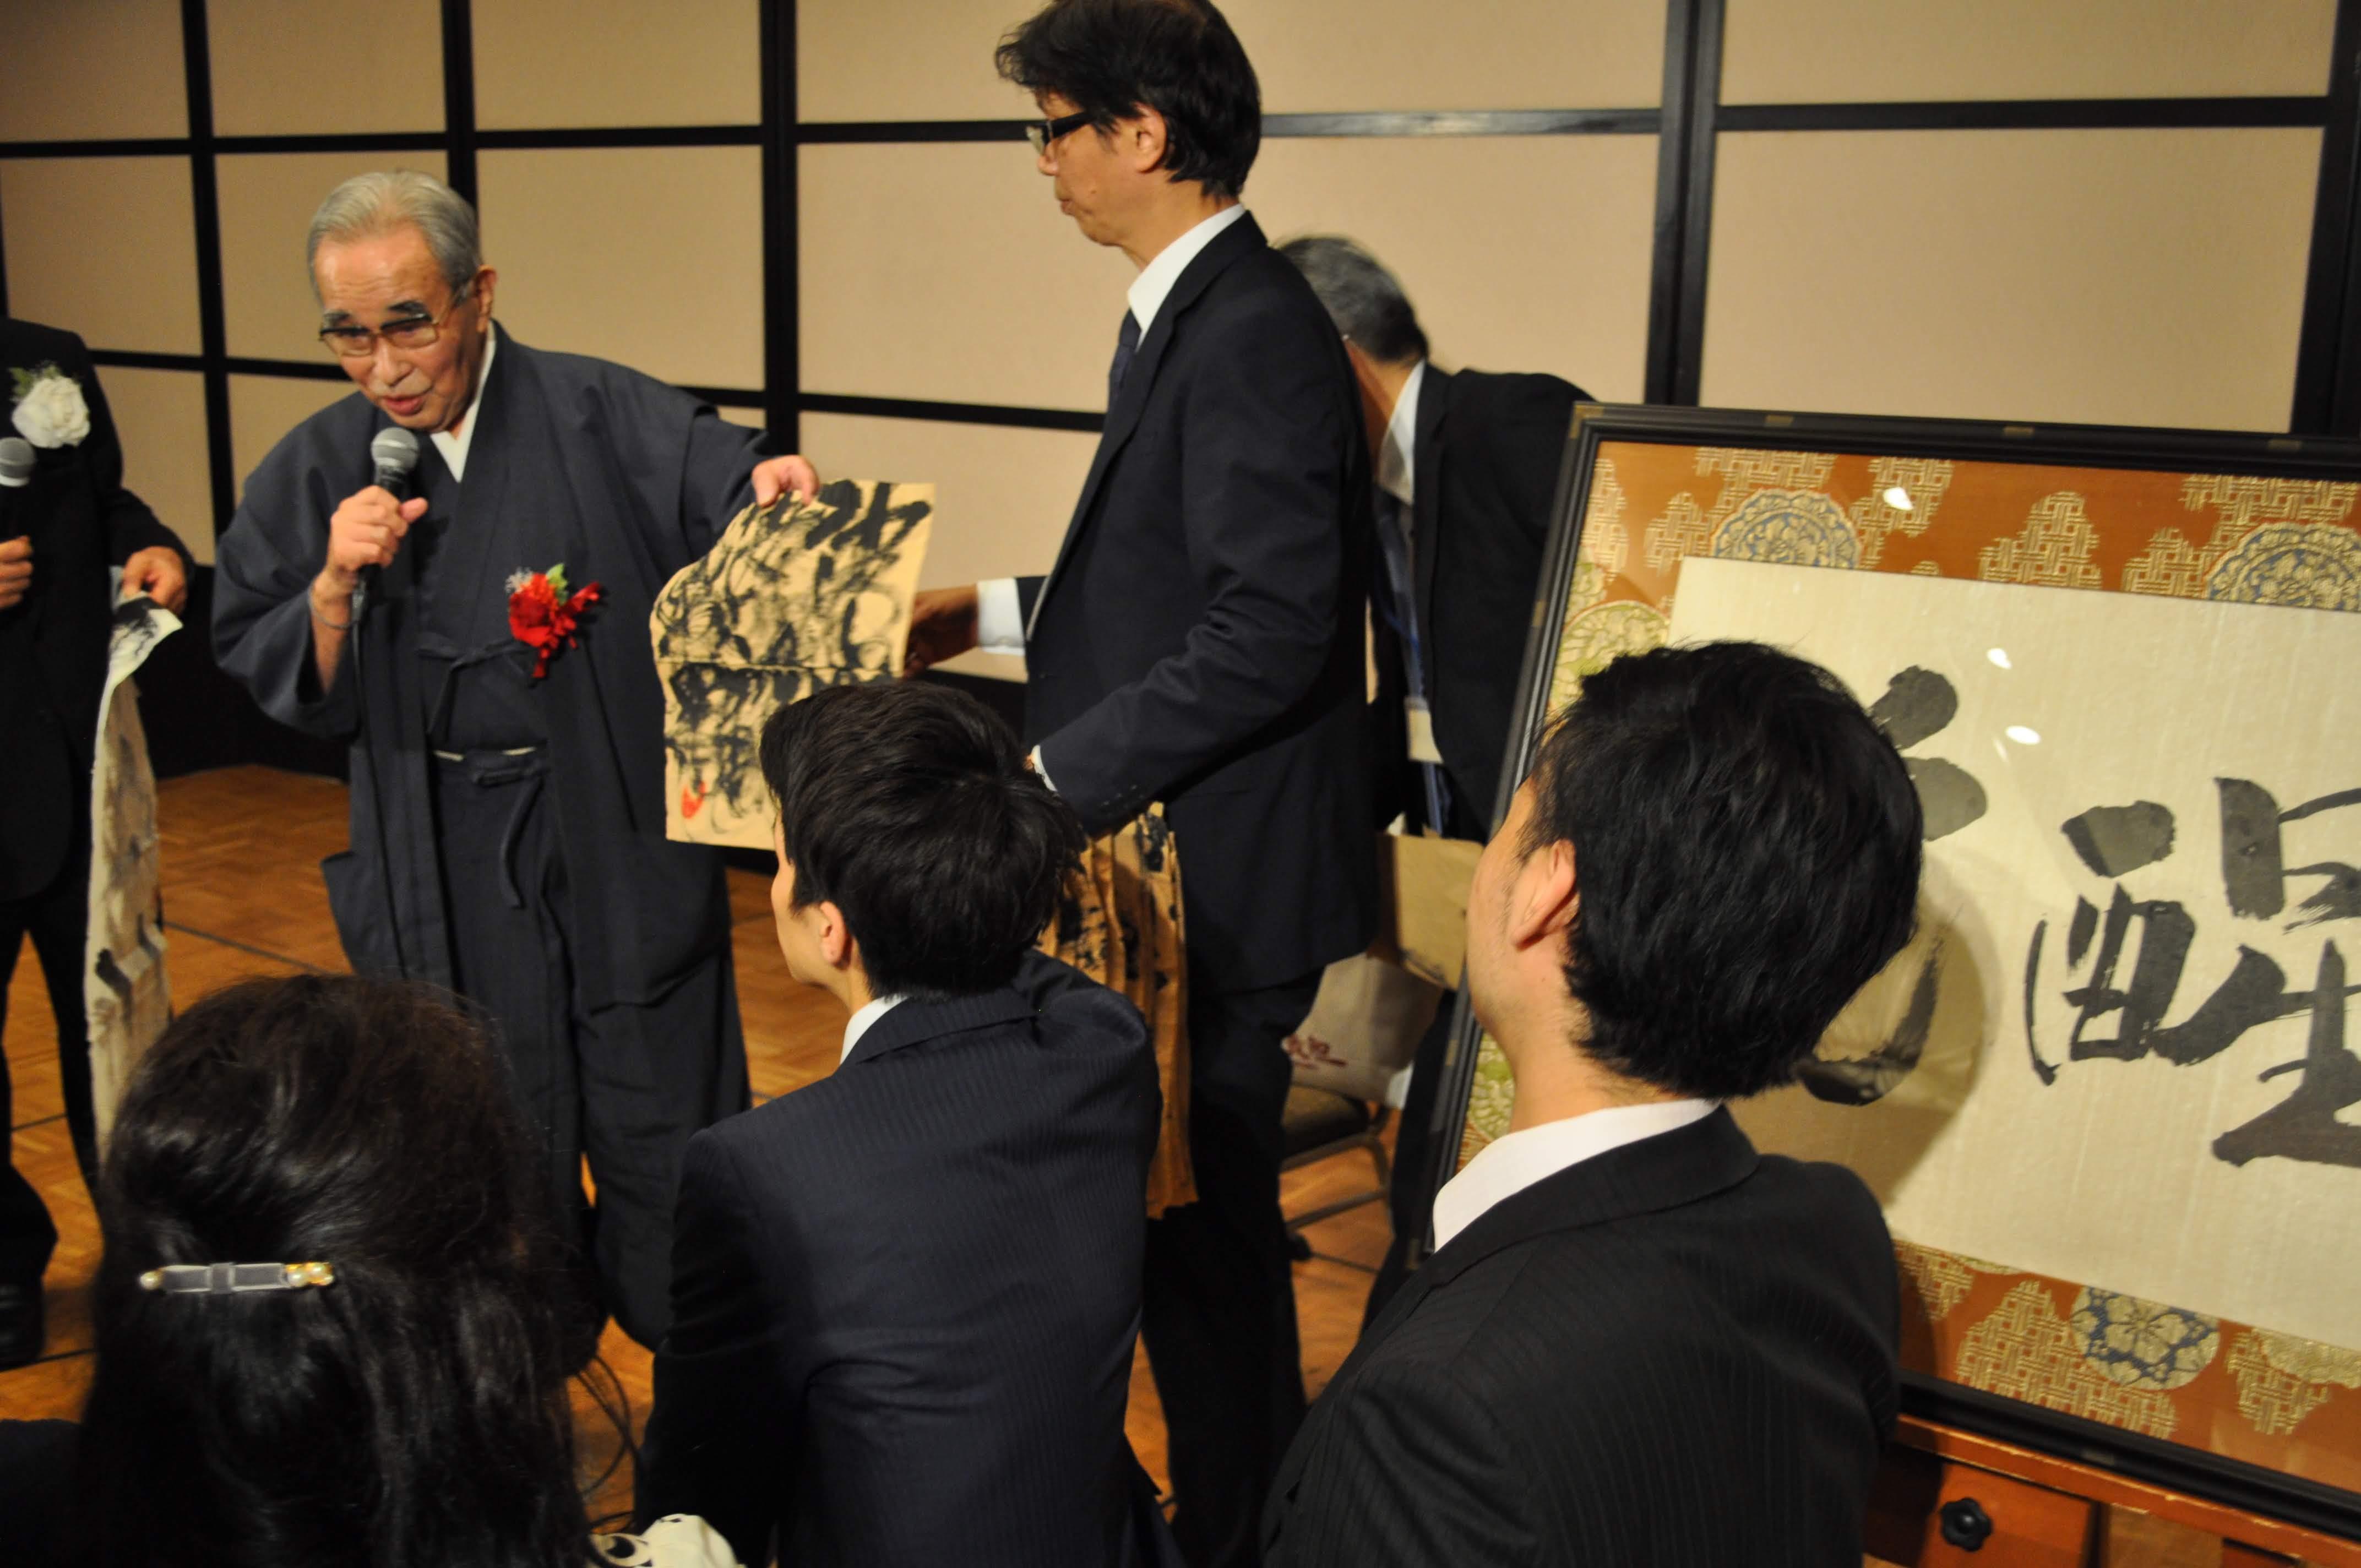 DSC 0591 1 - 思風会全国大会in広島